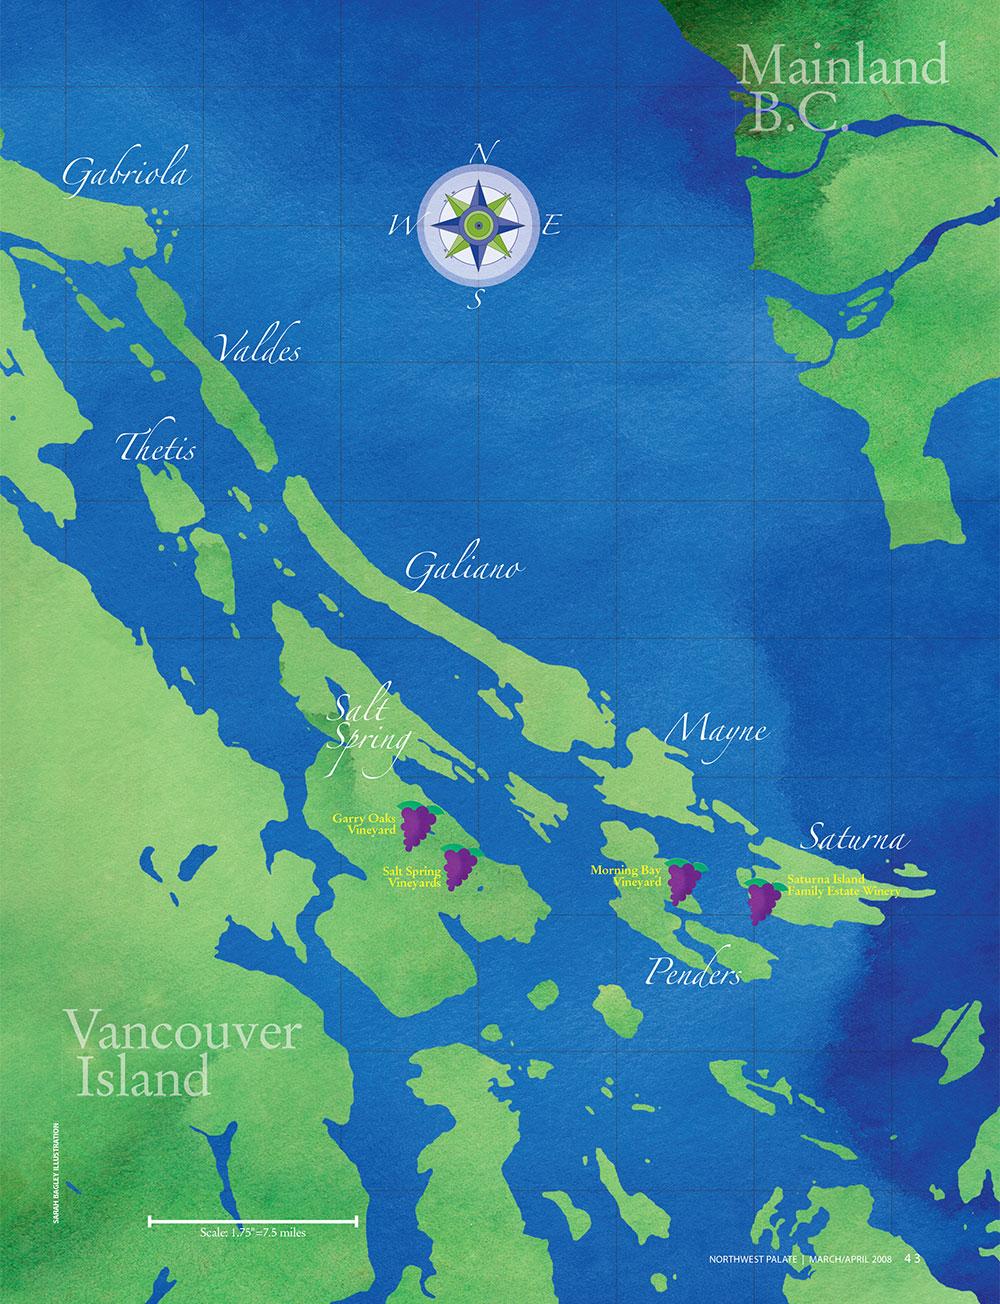 Wine_Islands_Map_Illustration_Design